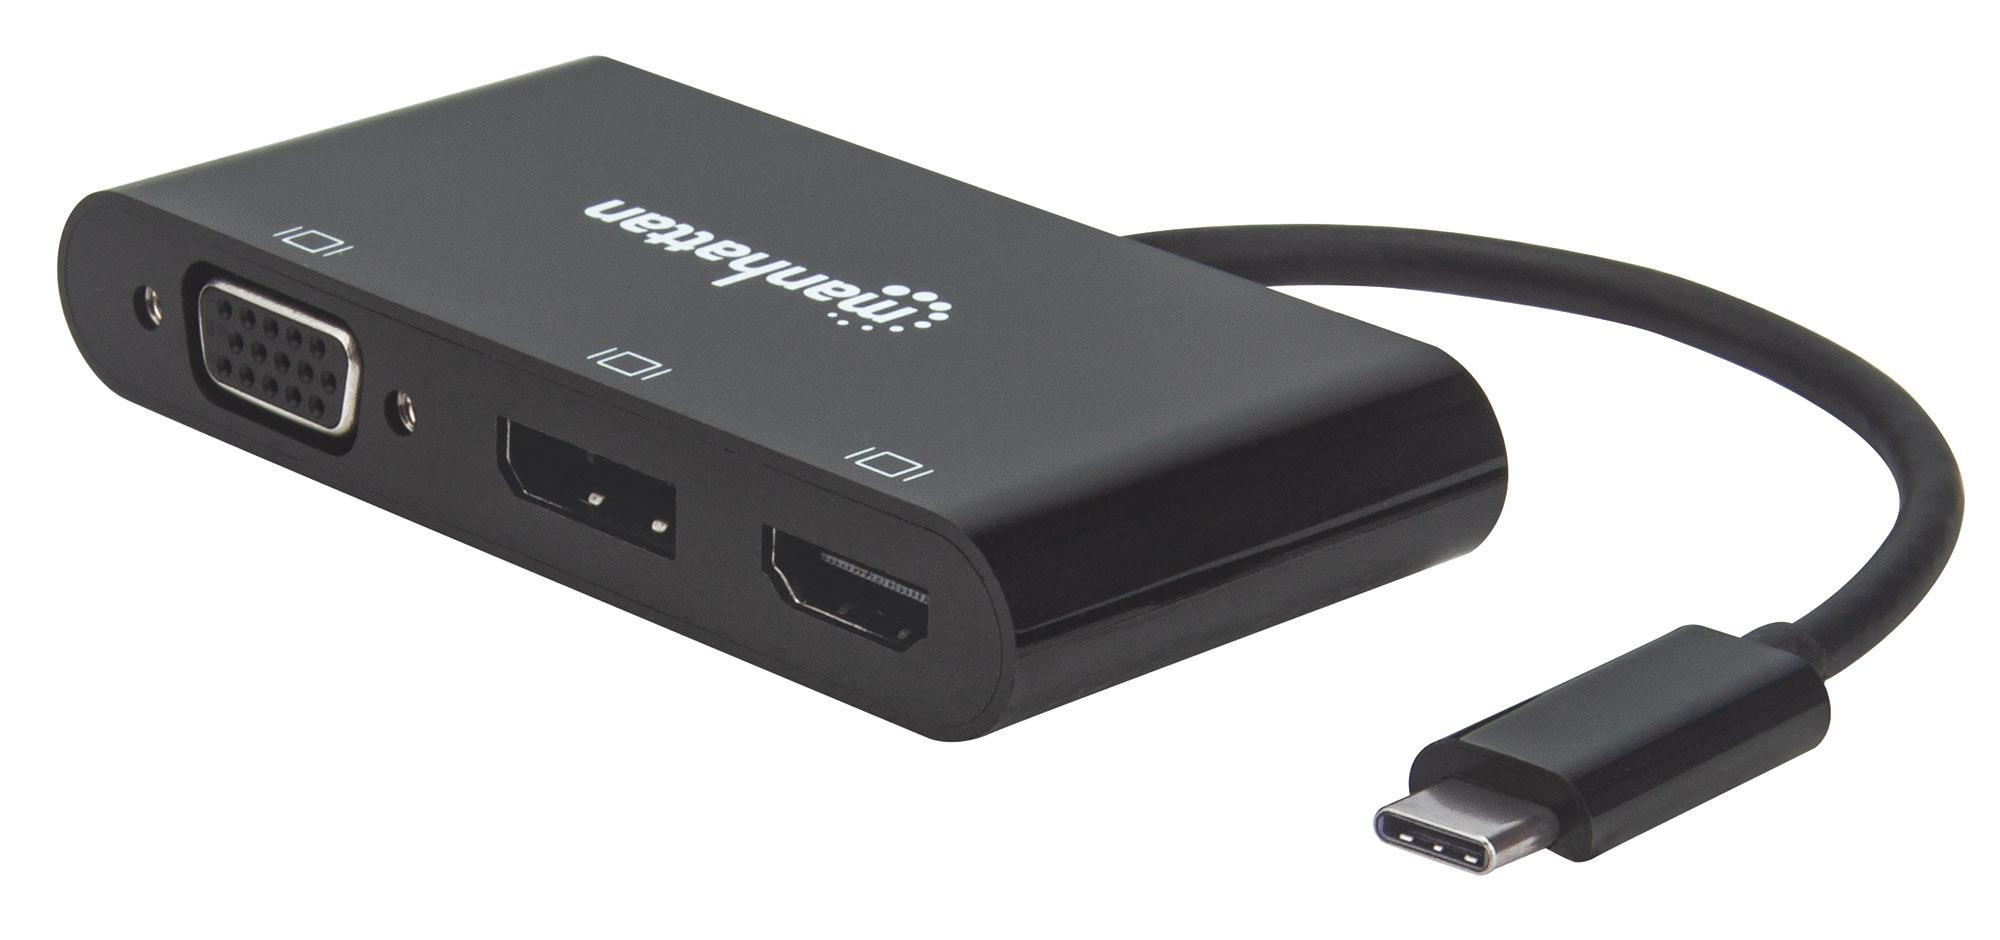 USB-C to Multiport A/V Converter - MST Hub